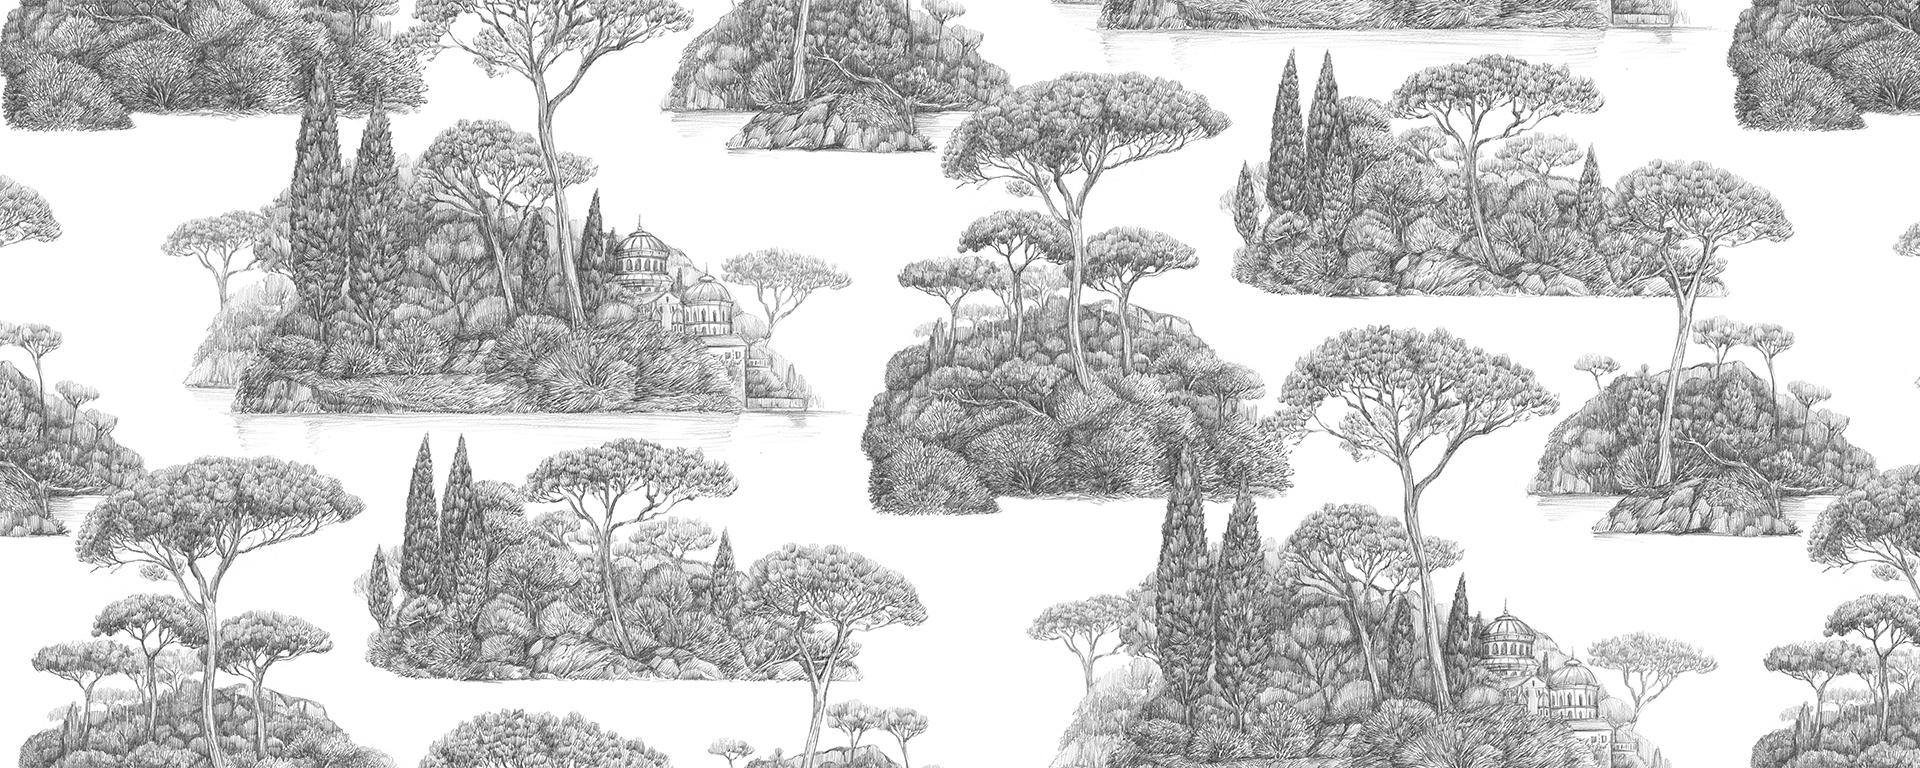 Papier peint Bel Archipel Origine par Le Presse Papier, inspiré des toiles de Jouy et fabriqué en France